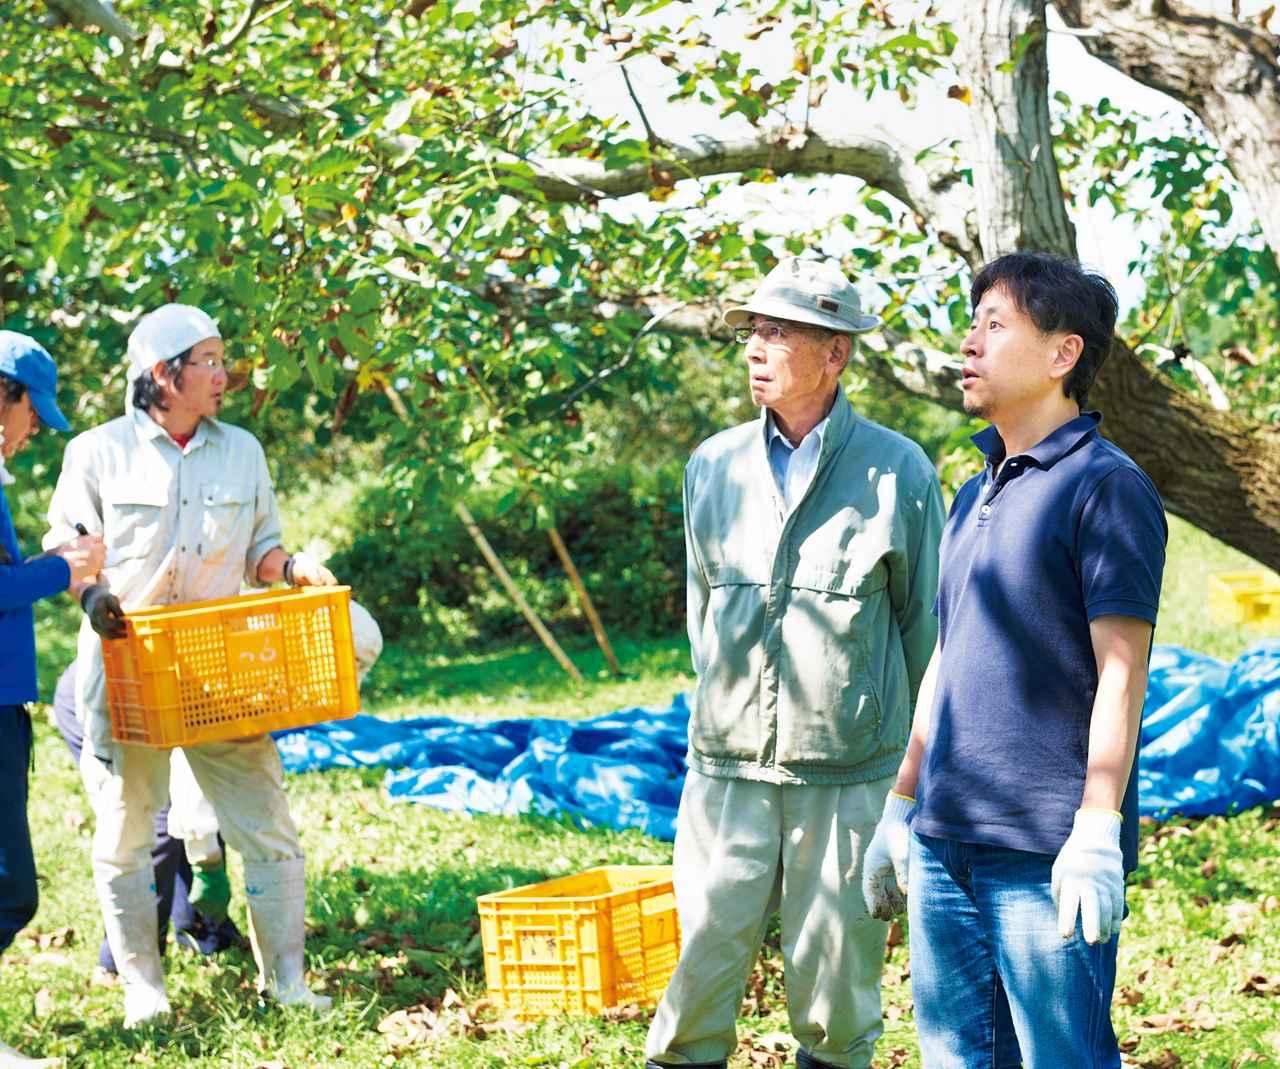 画像: 影山さん(右)と元信州大学教授の矢嶋征雄さん。長年、くるみを研究する矢嶋さんは、ピーク時の10分の1に落ちた東御市のくるみ生産量を上げるために、苗木づくりなどで試行錯誤を続けている